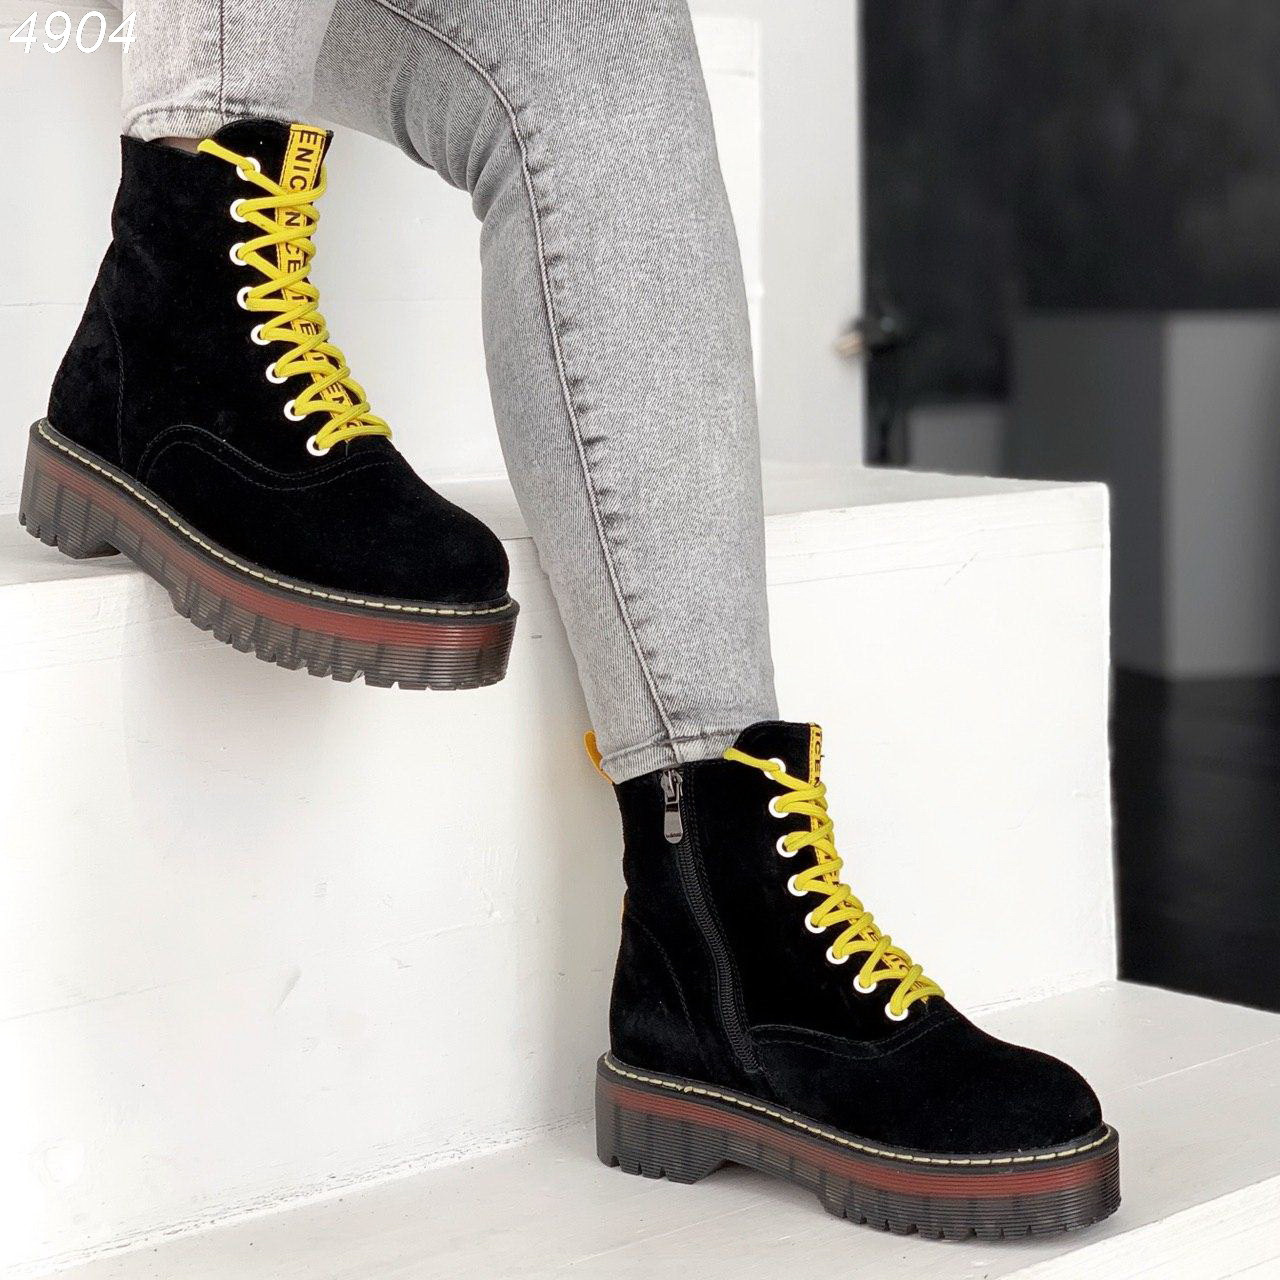 Женские черные замшевые ботинки на завышенной подошве и с желтыми шнурками BO4904